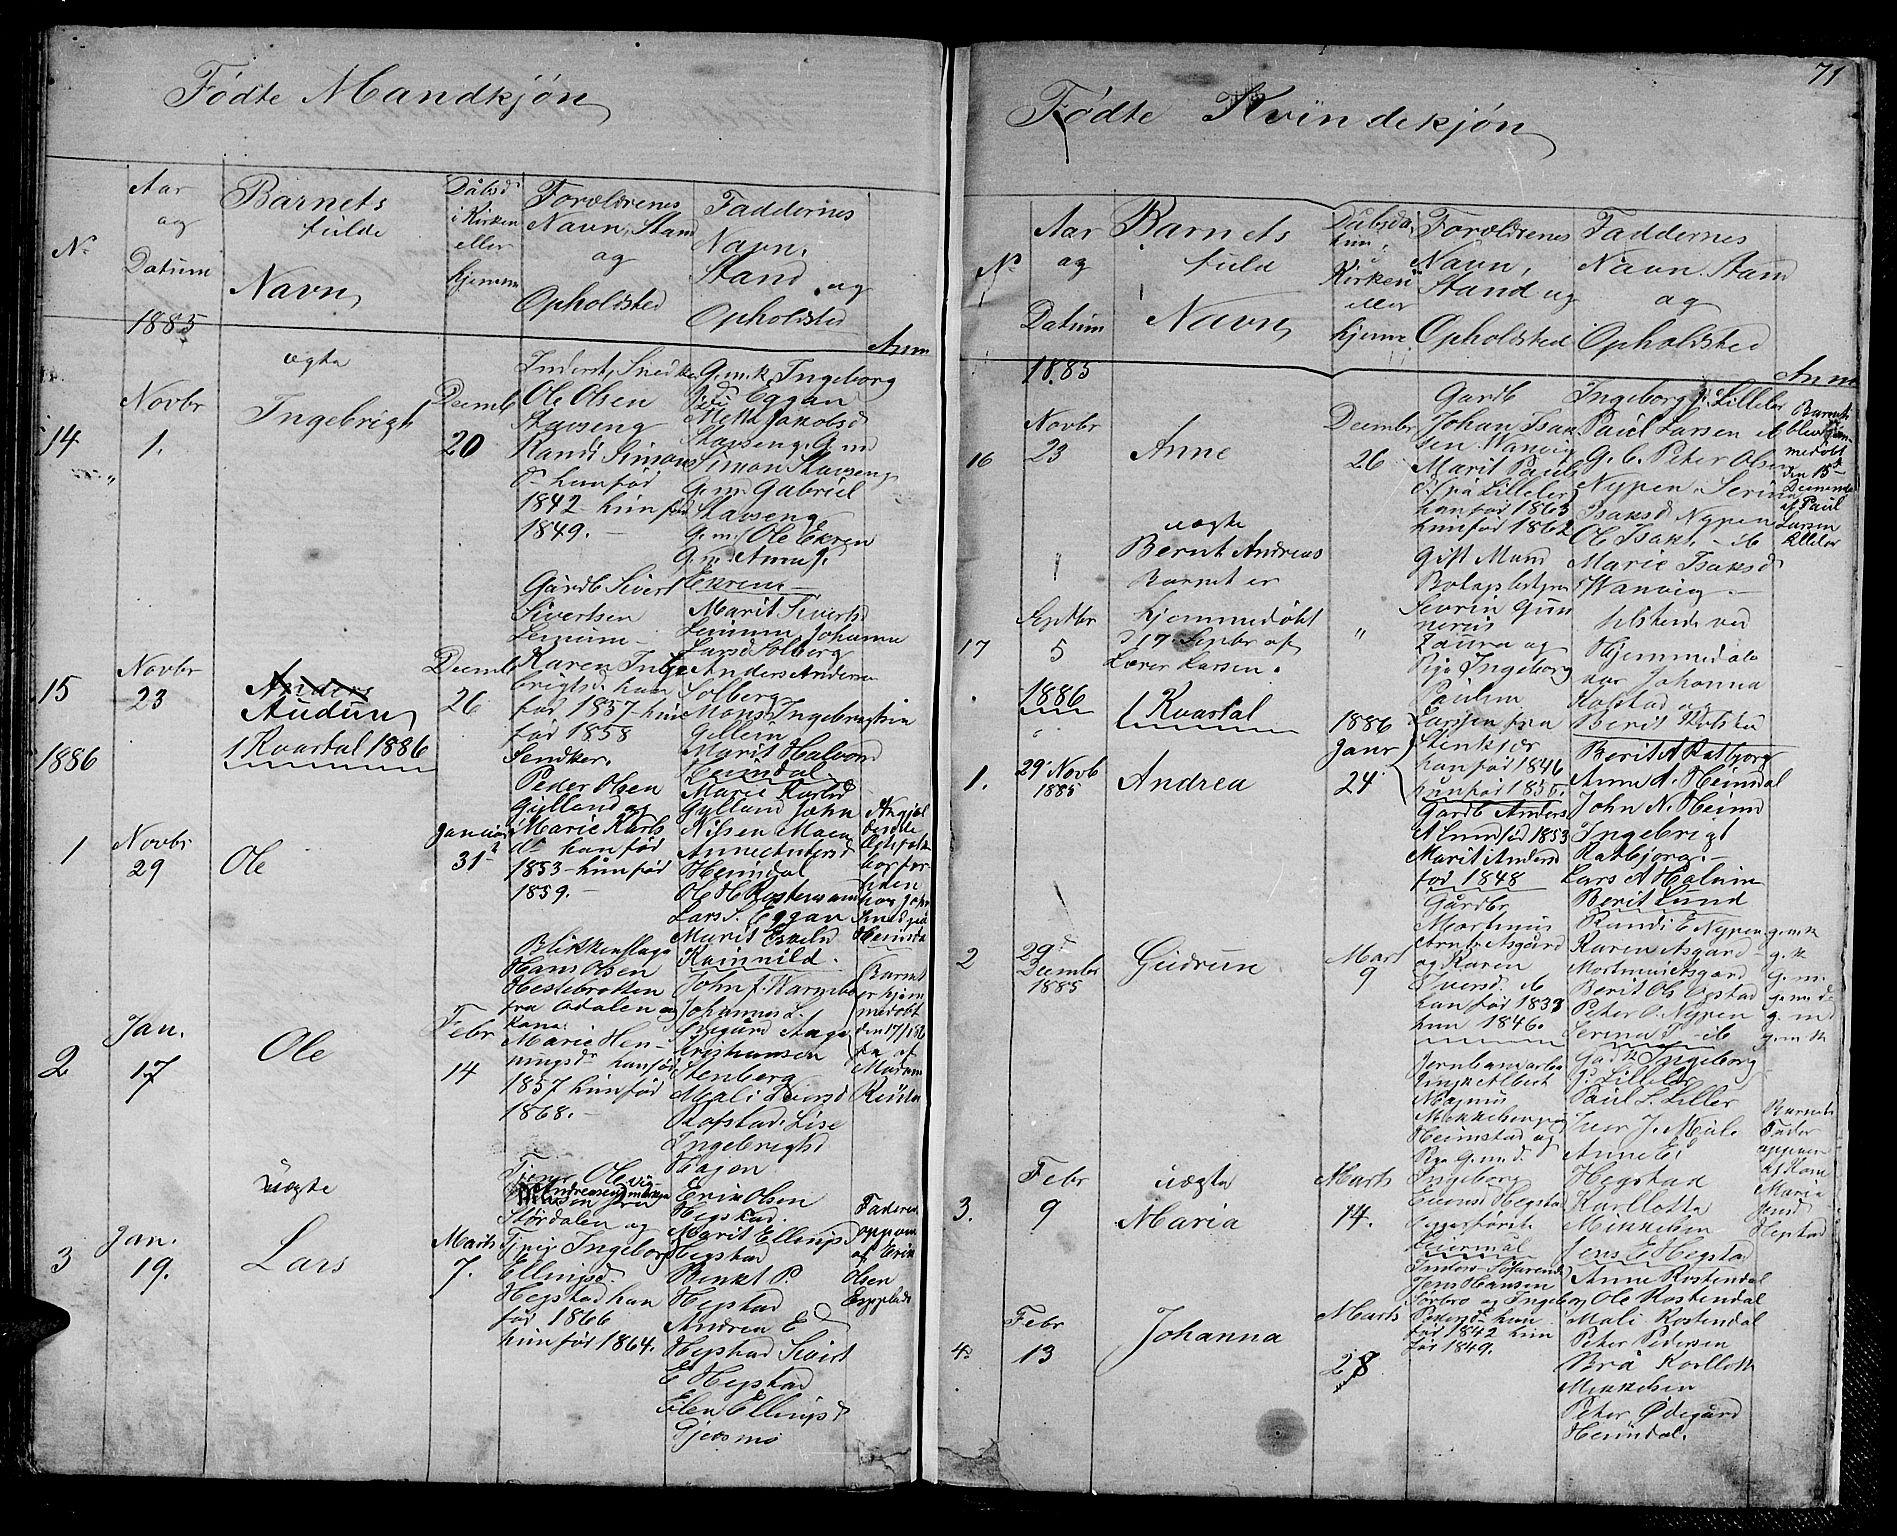 SAT, Ministerialprotokoller, klokkerbøker og fødselsregistre - Sør-Trøndelag, 613/L0394: Klokkerbok nr. 613C02, 1862-1886, s. 71